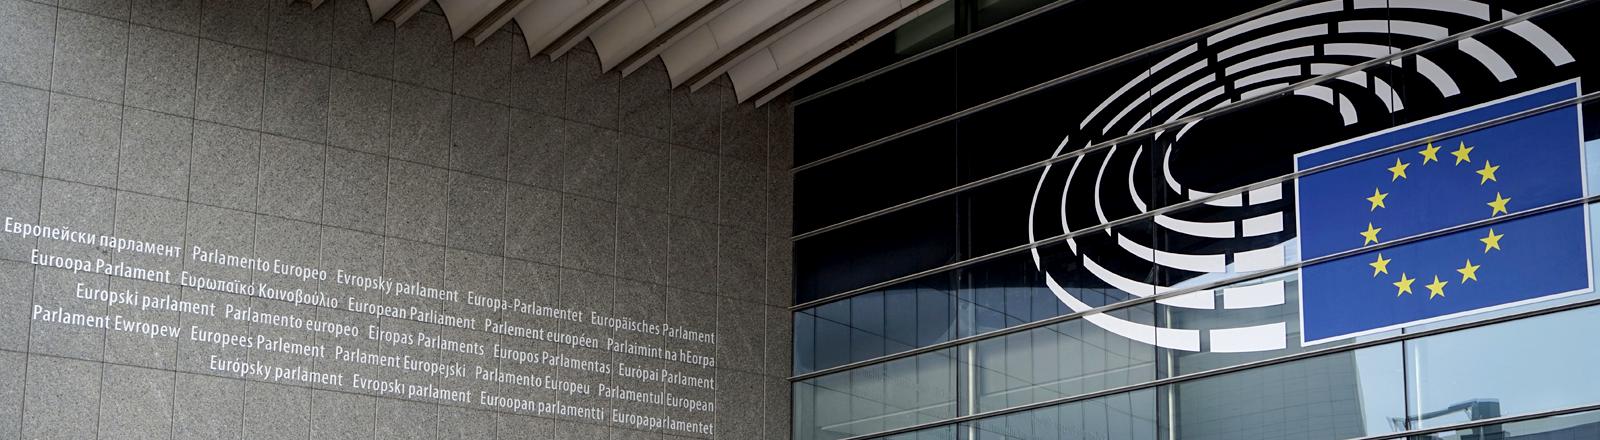 Der Eingang des EU Parlament